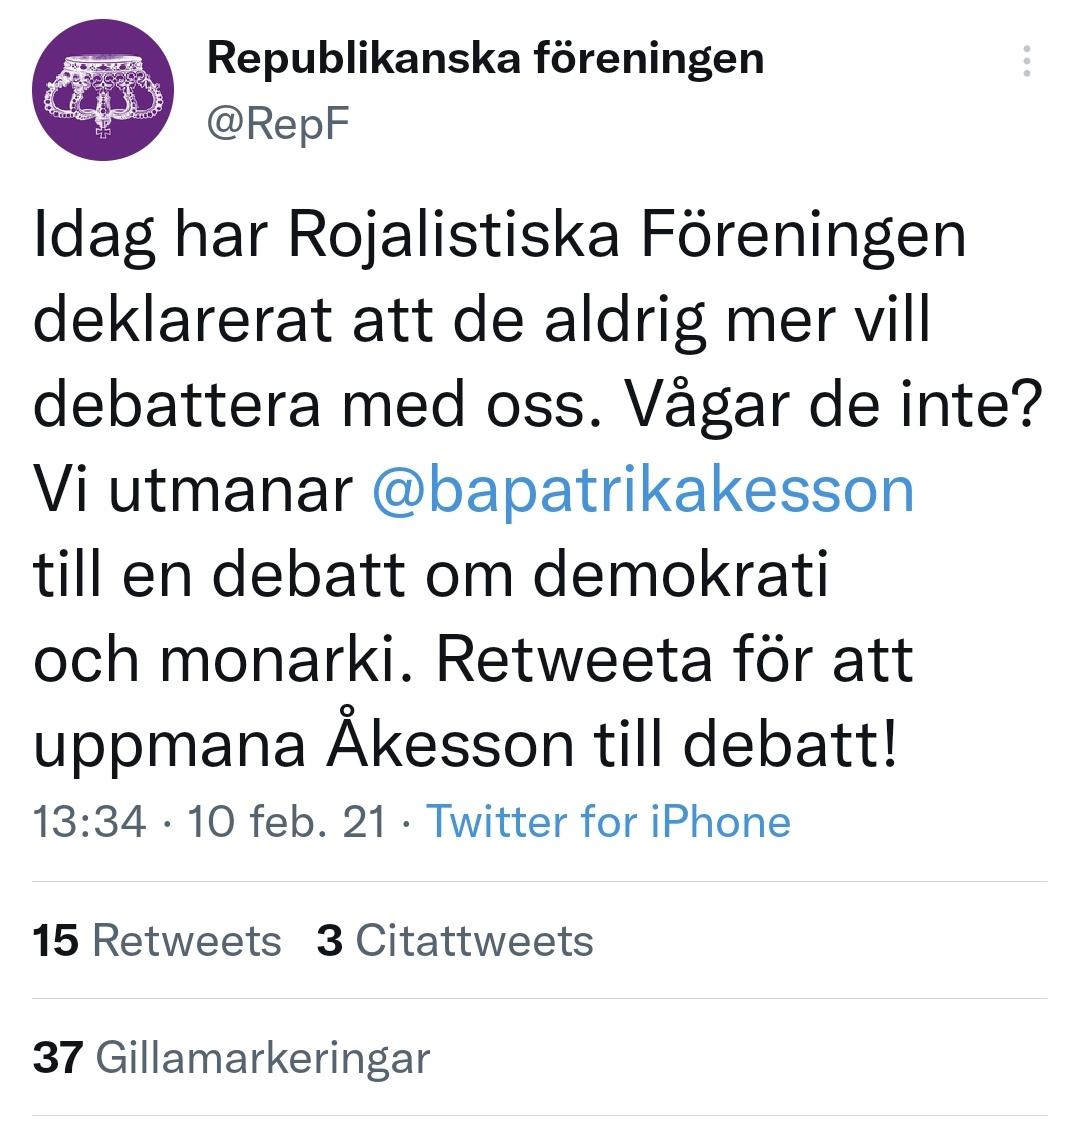 I februari i år deklarerade Rojalistiska Föreningen att man aldrig mer ska debattera med @RepF. Trots sina vurm för gamla grejer verkar minnet kort. Redan 7 månader senare har de tydligen gjort en kovändning. aftonbladet.se/a/L5PrqR